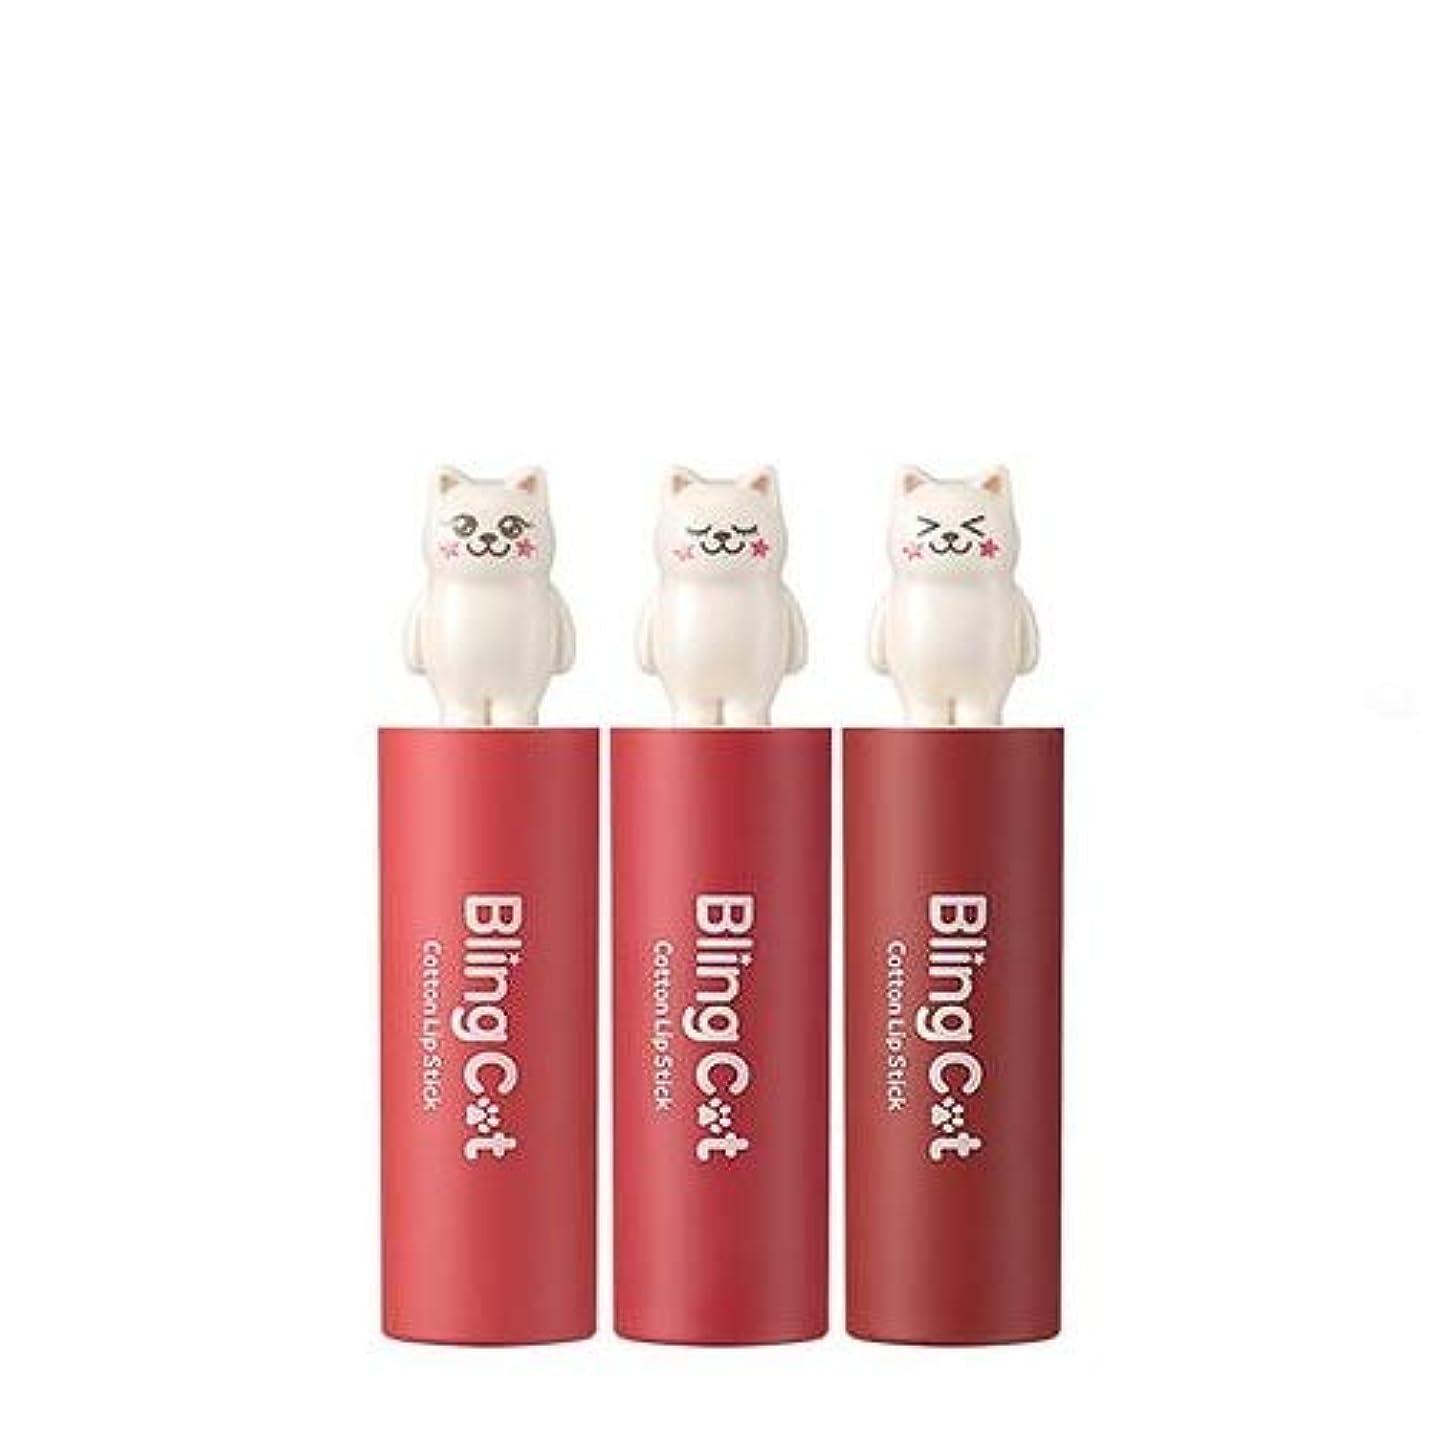 不条理ボルトパネルトニーモリー ブリングキャット コットン リップスティック 3.4g / TONYMOLY Bling Cat Cotton Lipstick # 05. Orange Drop [並行輸入品]